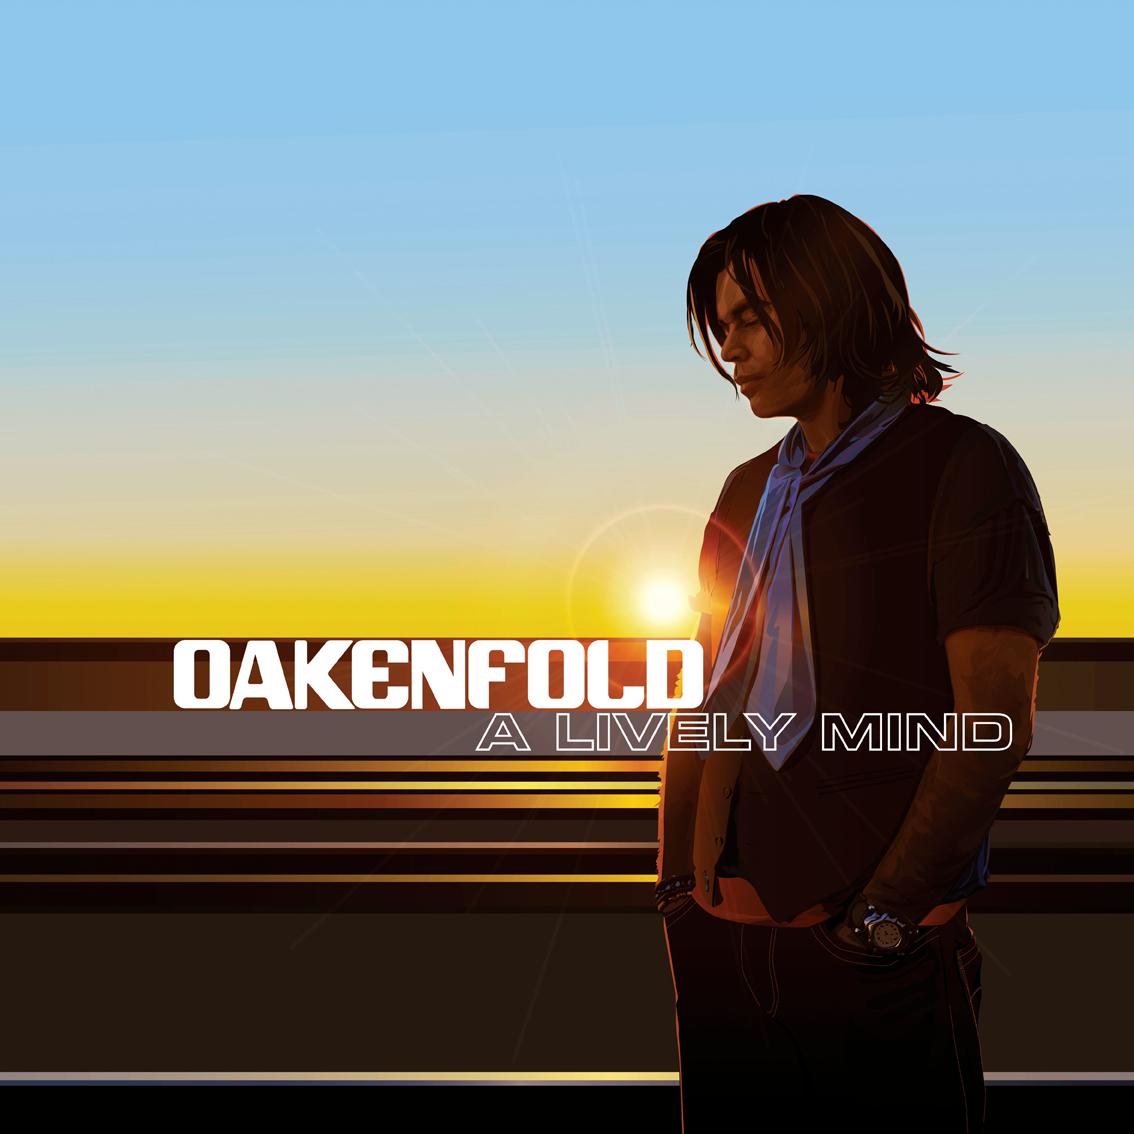 oakenfold